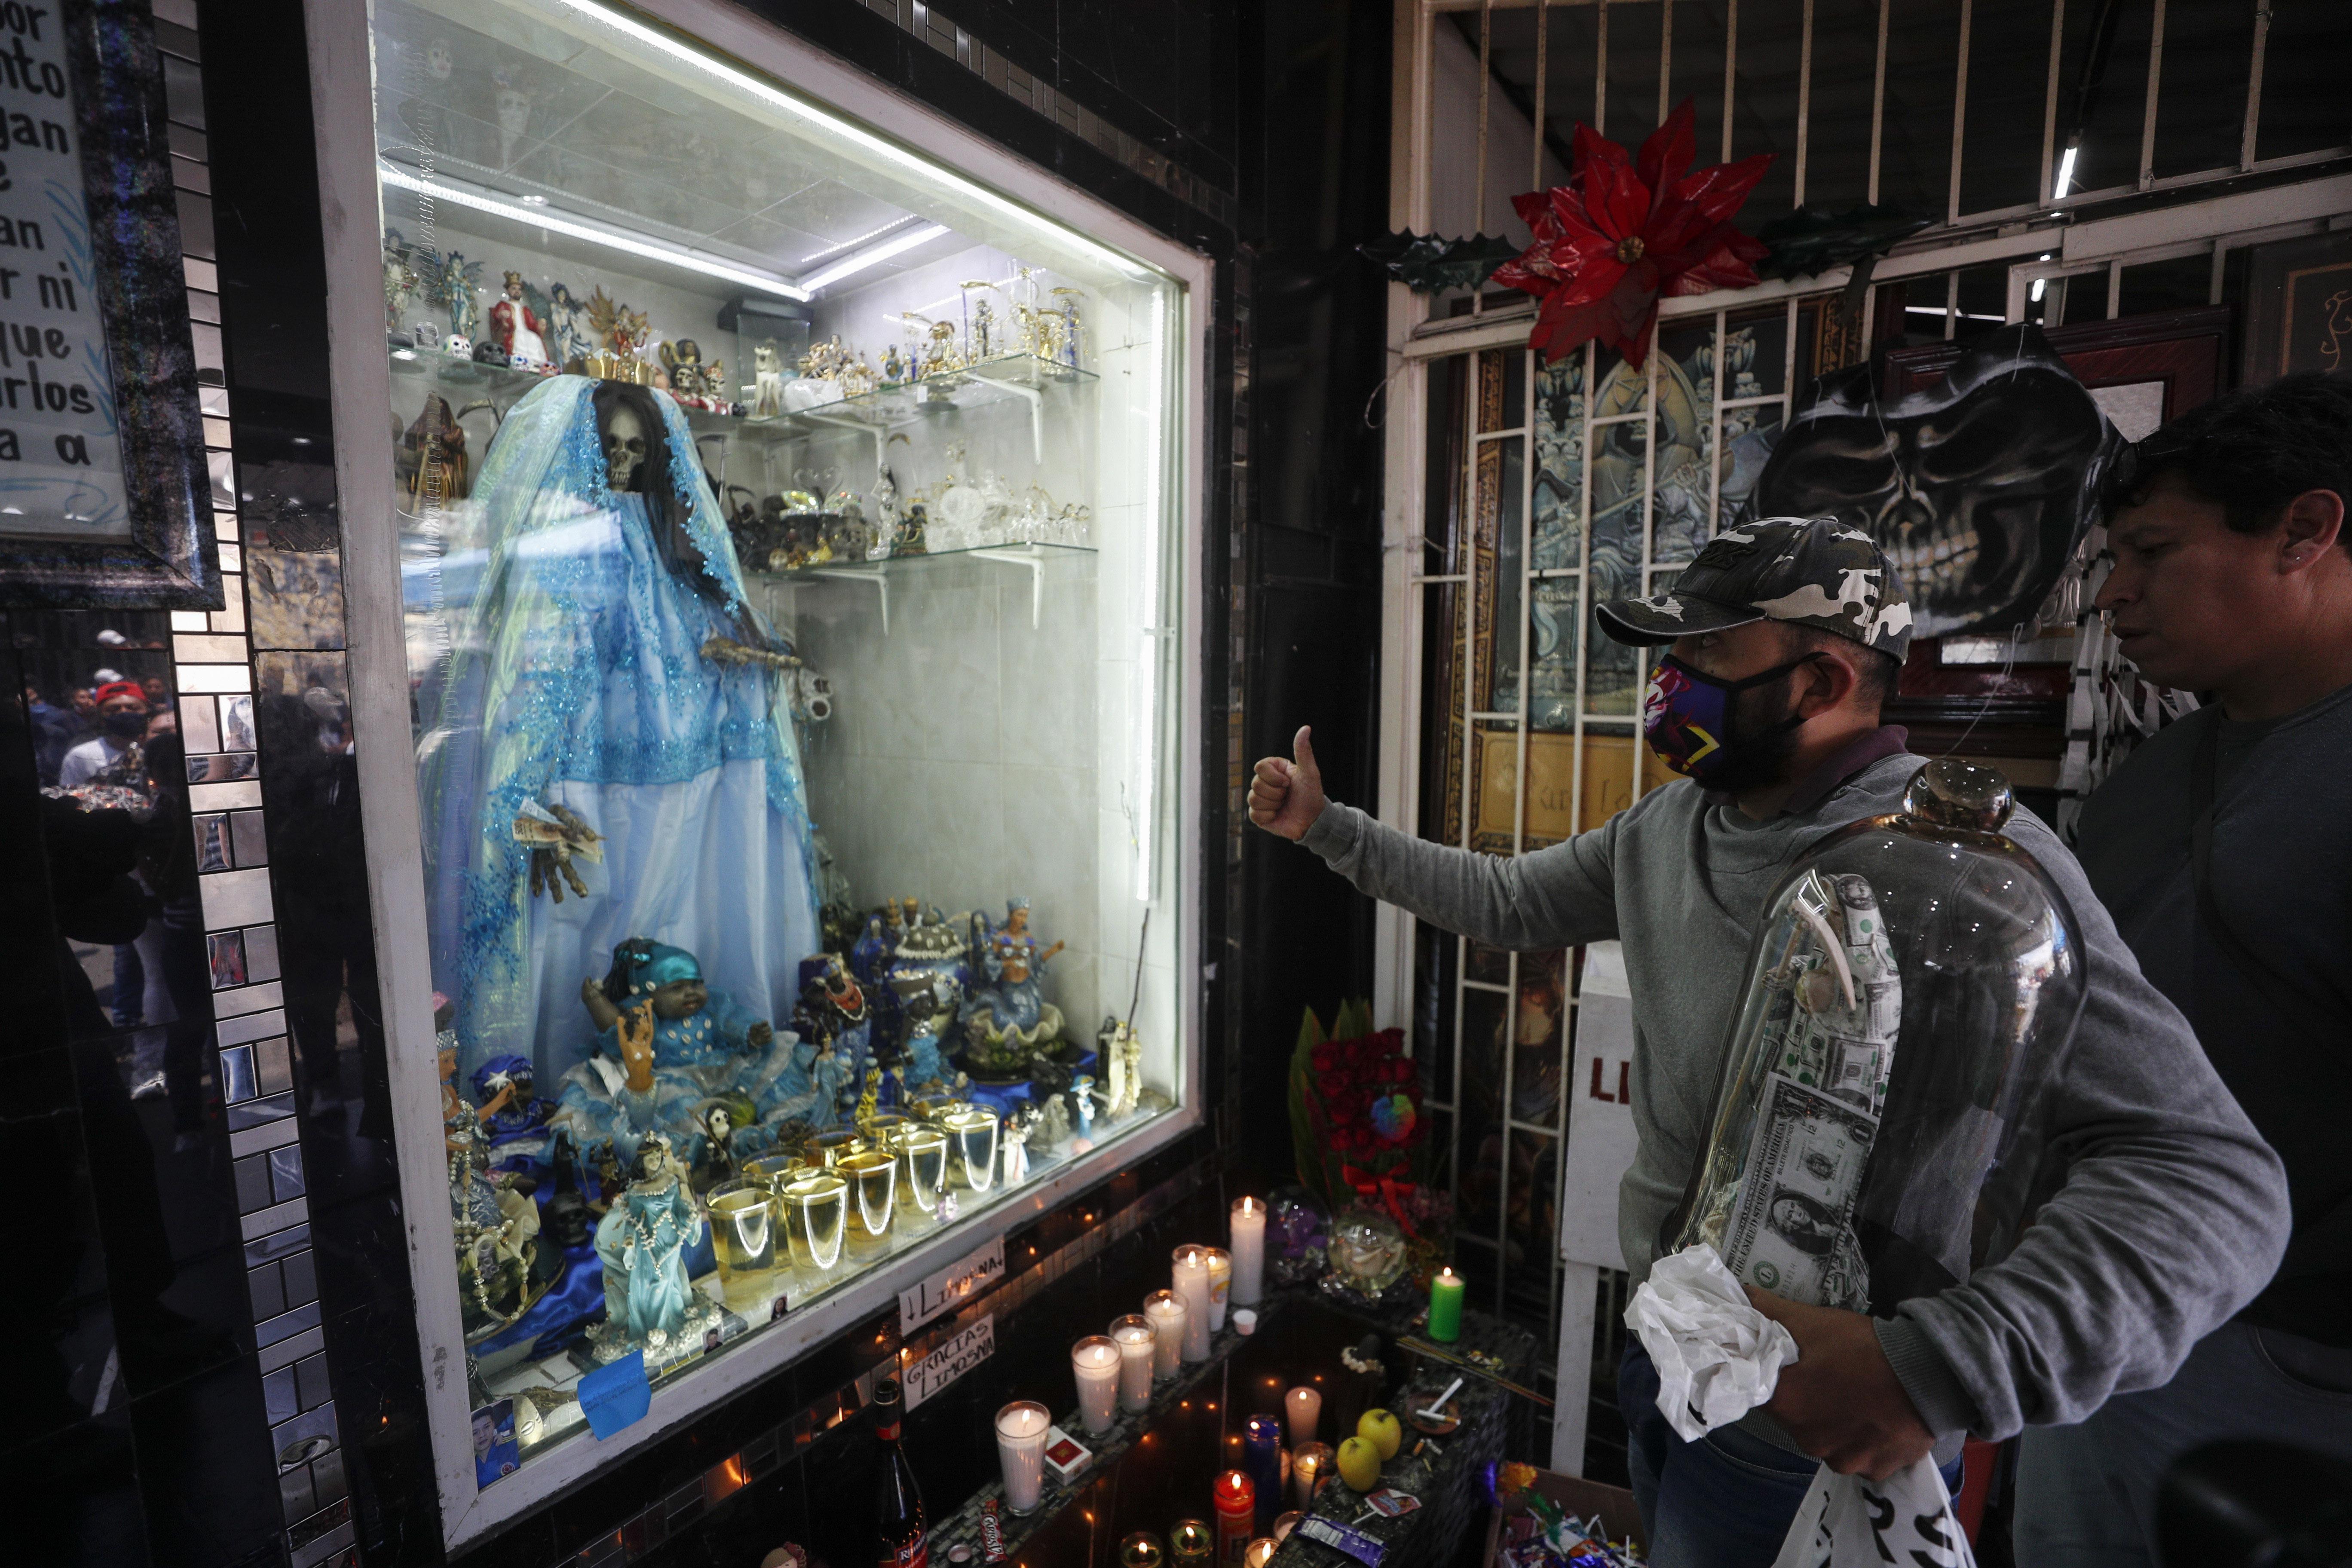 Un devoto de Santa Muerte da un pulgar hacia arriba mientras le presenta sus respetos en un altar en el barrio de Tepito. (Foto: AP / Rebecca Blackwell)